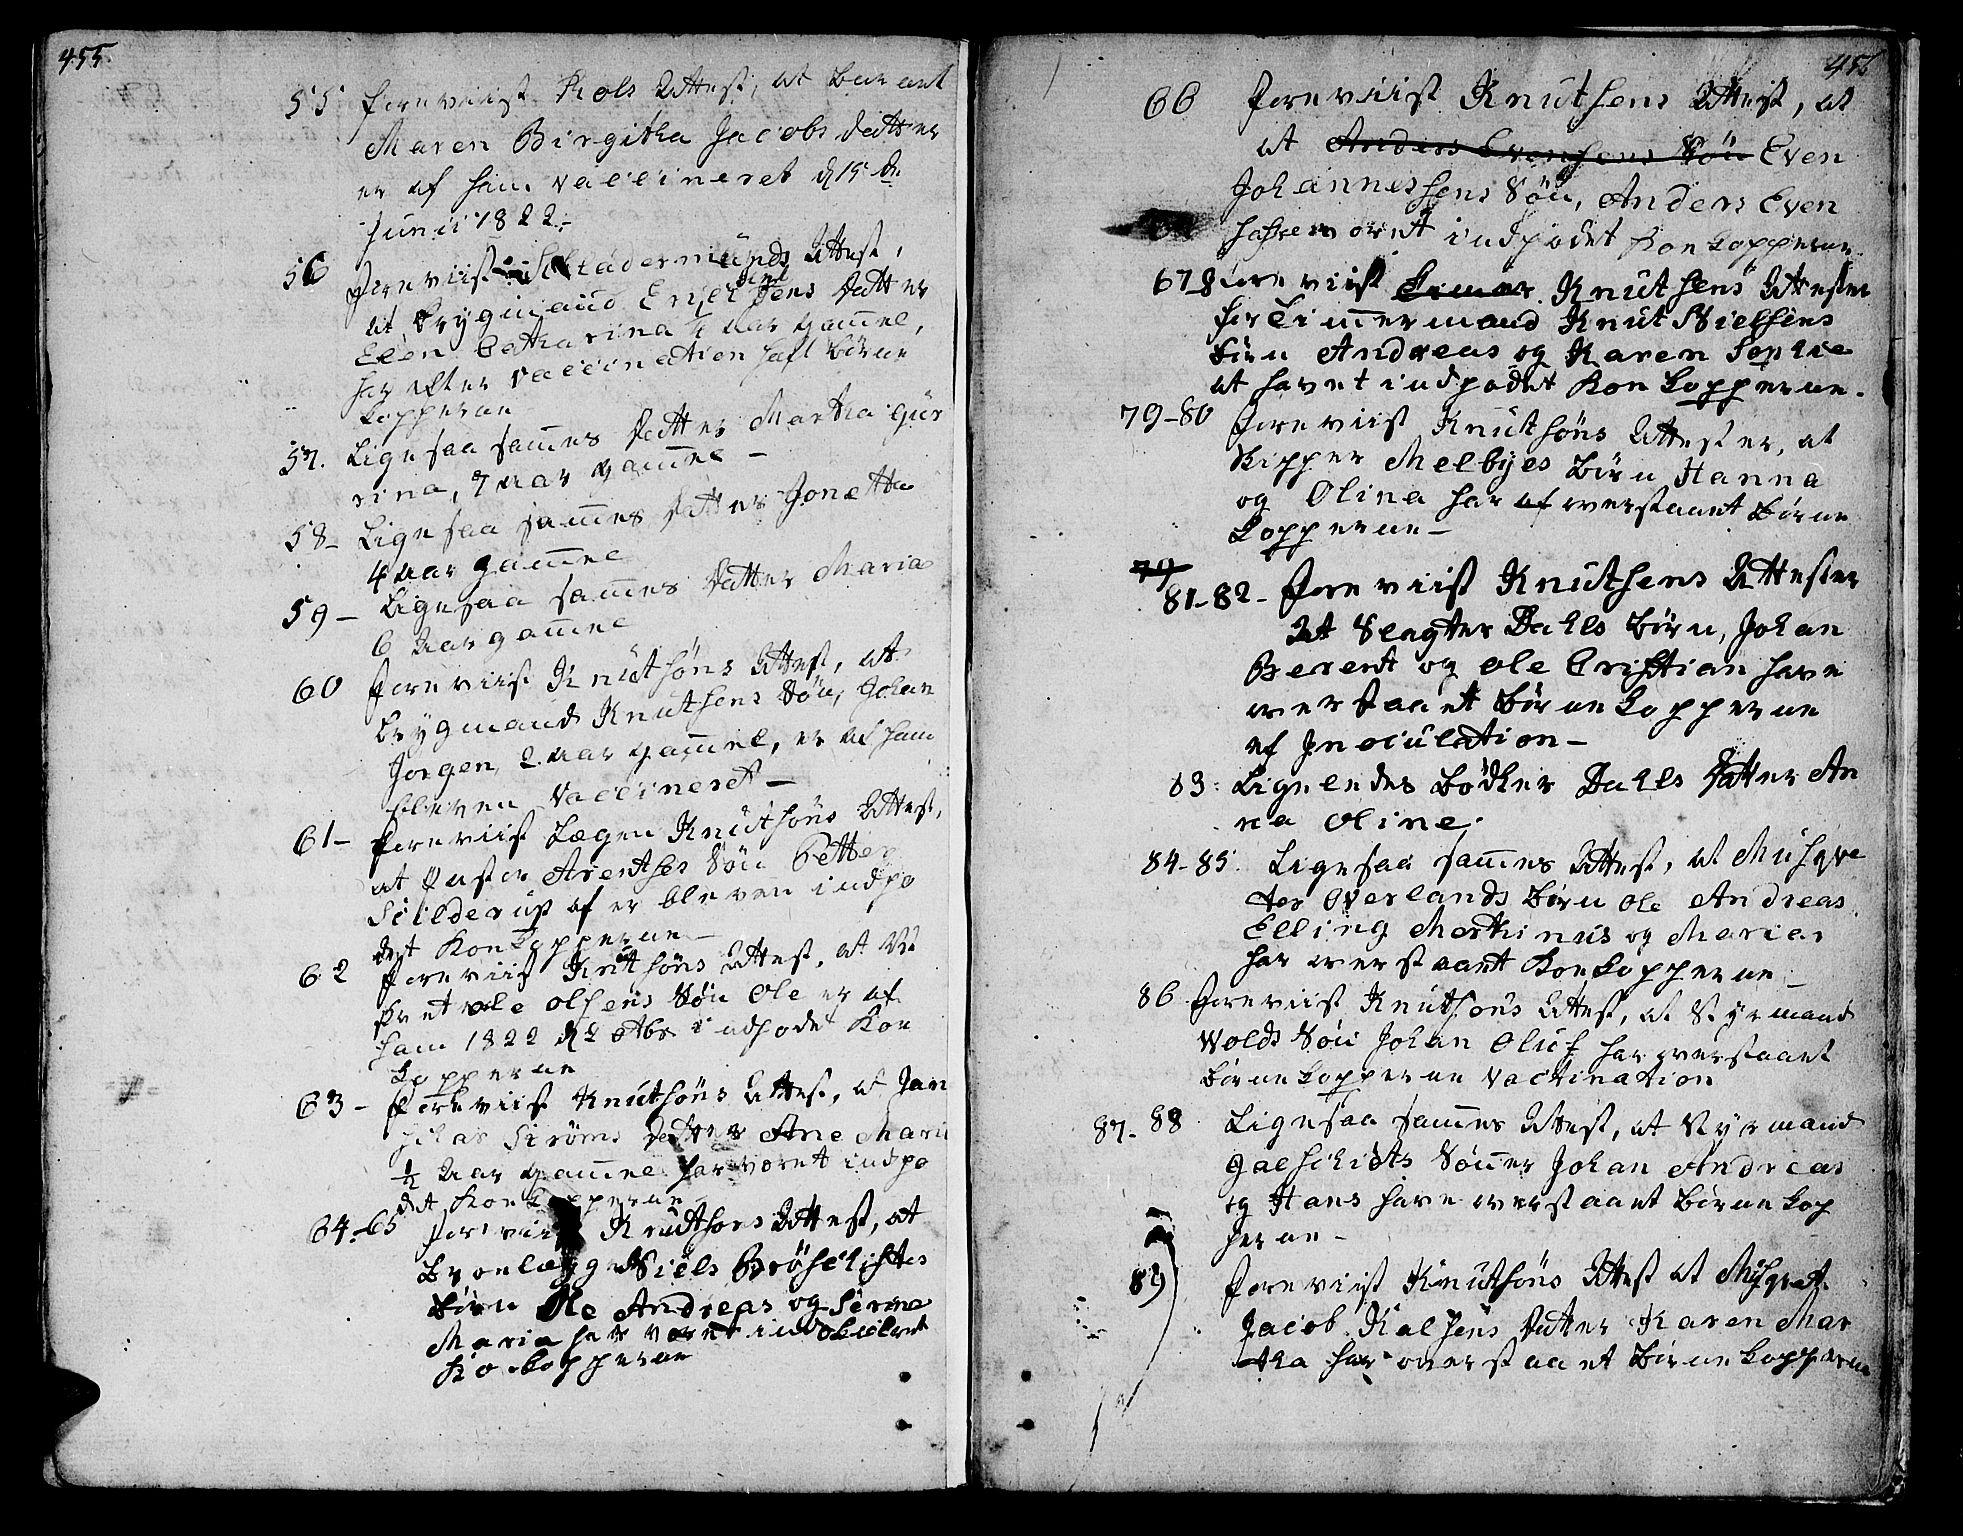 SAT, Ministerialprotokoller, klokkerbøker og fødselsregistre - Sør-Trøndelag, 601/L0042: Ministerialbok nr. 601A10, 1802-1830, s. 455-456